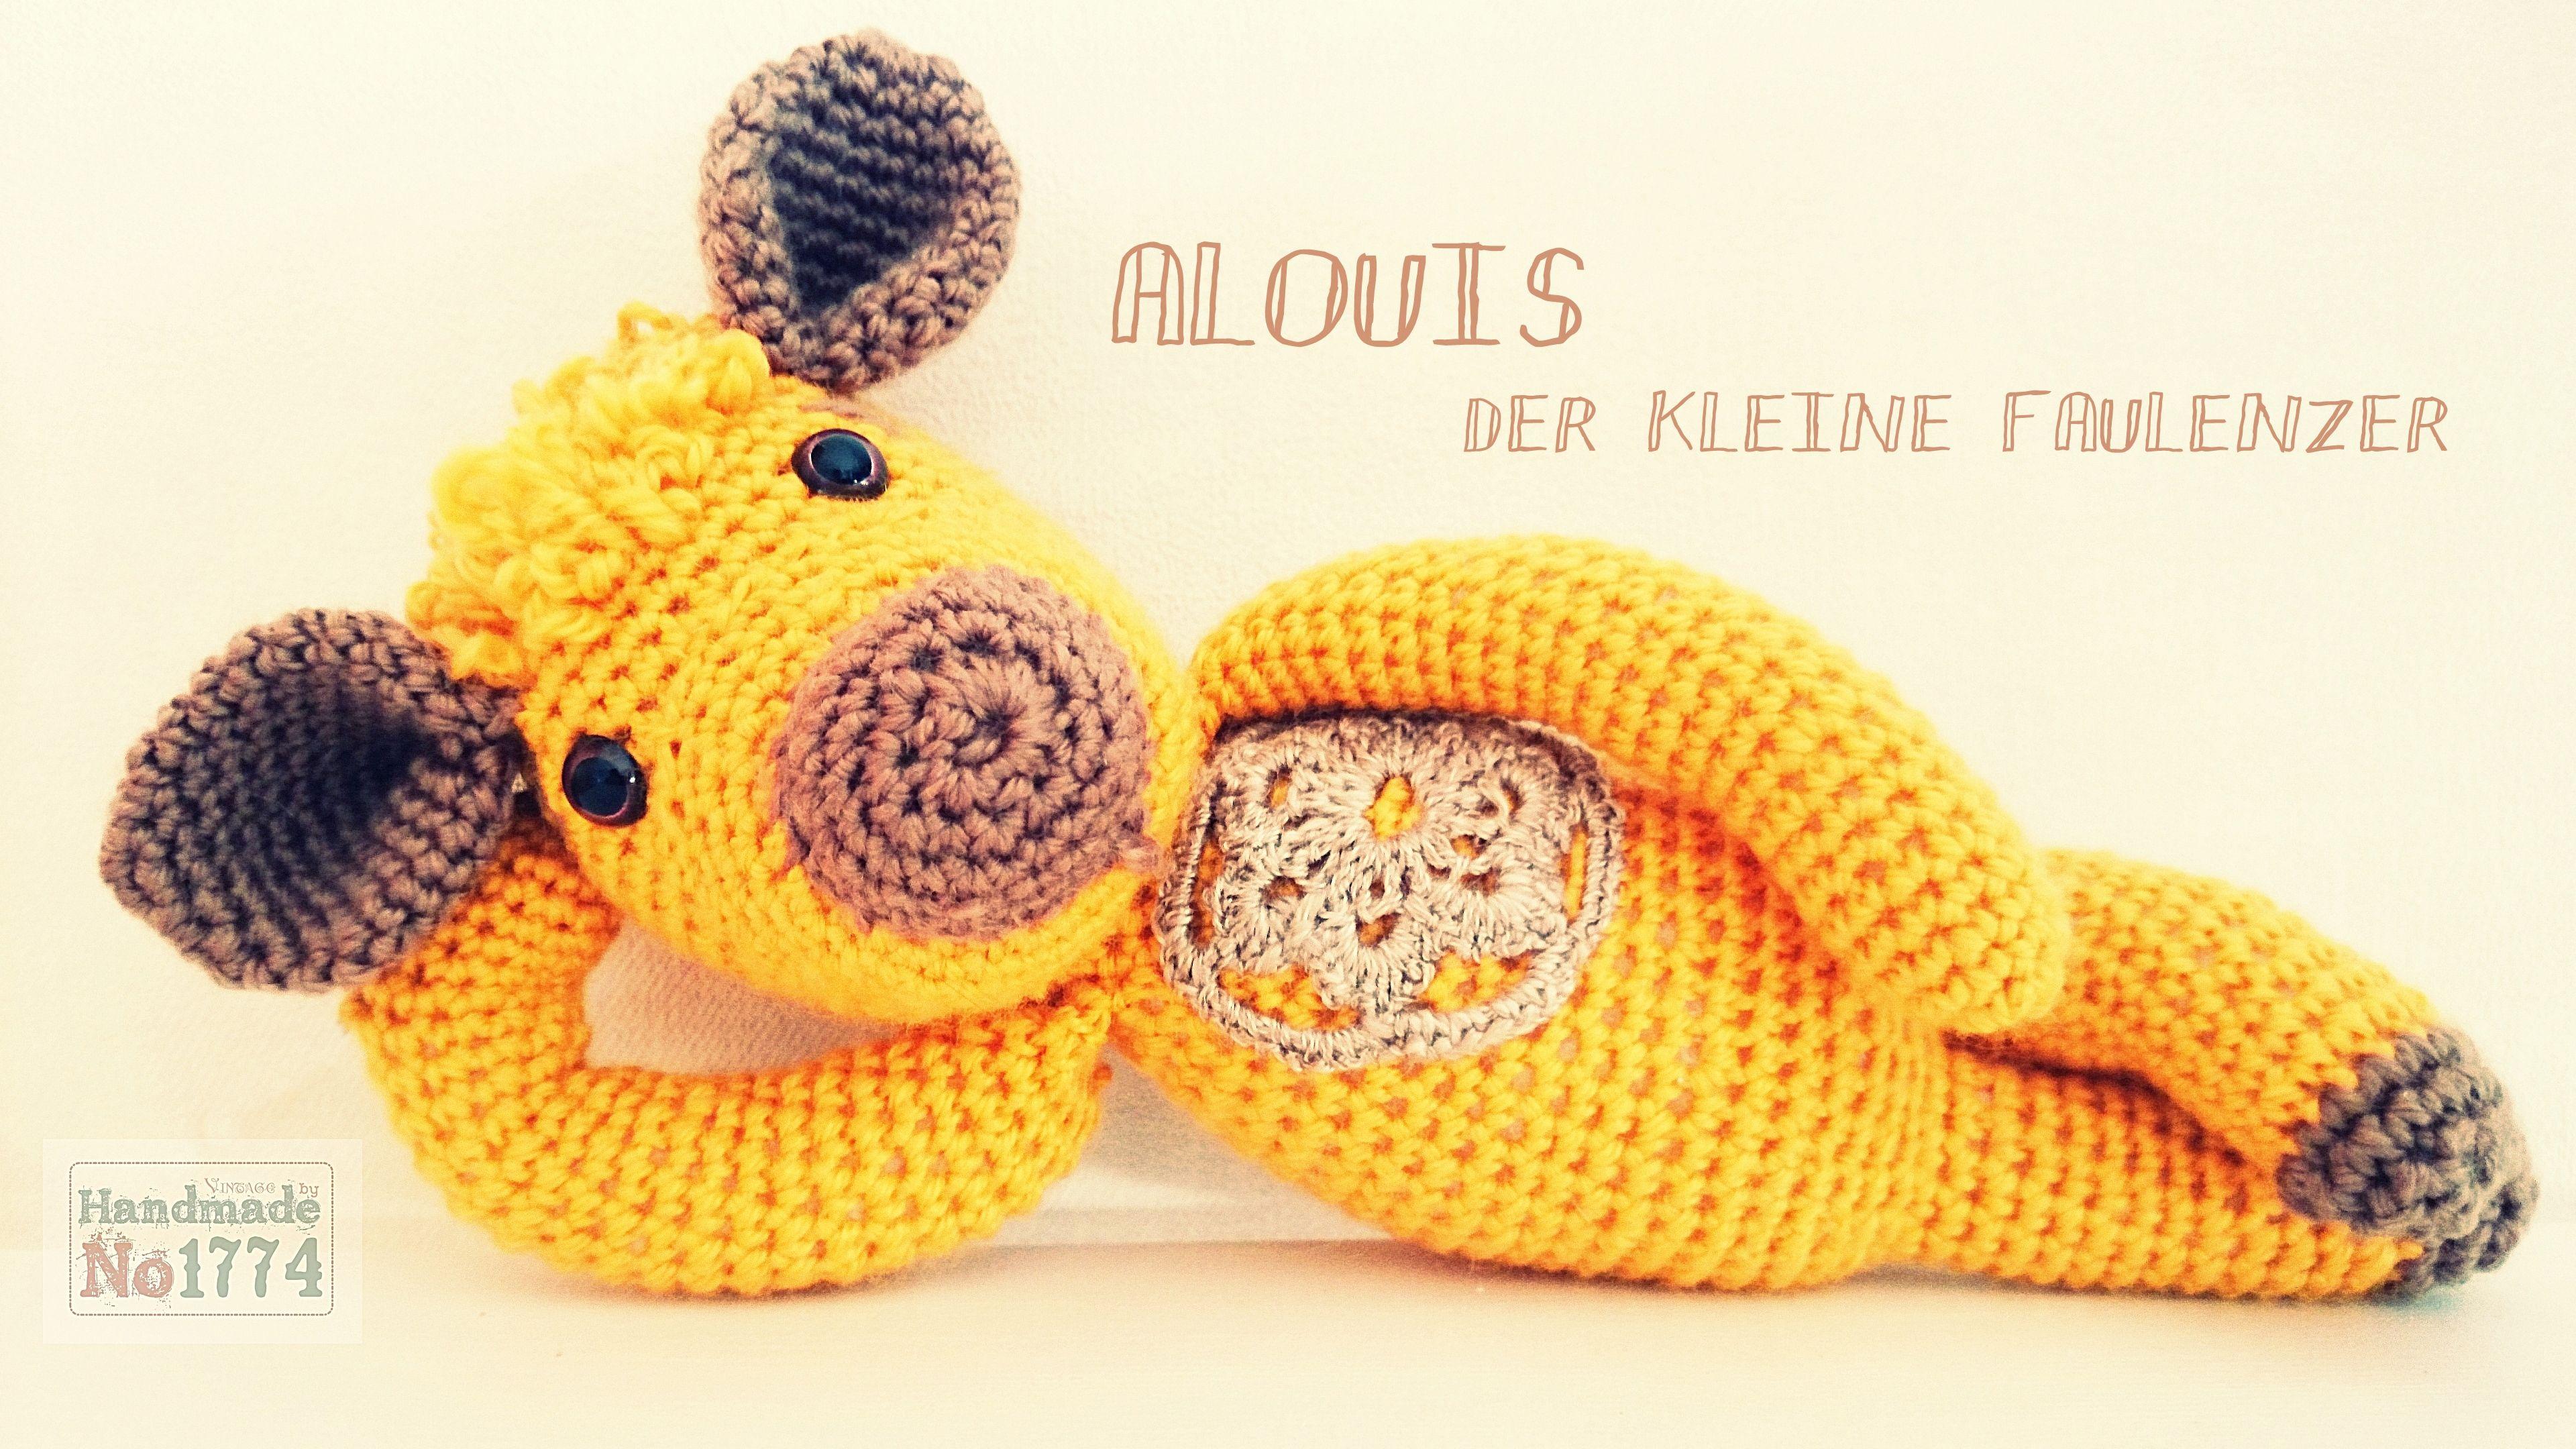 Kuscheltiere - peluches - stuffed animals - Teddys - Spielzeug ...